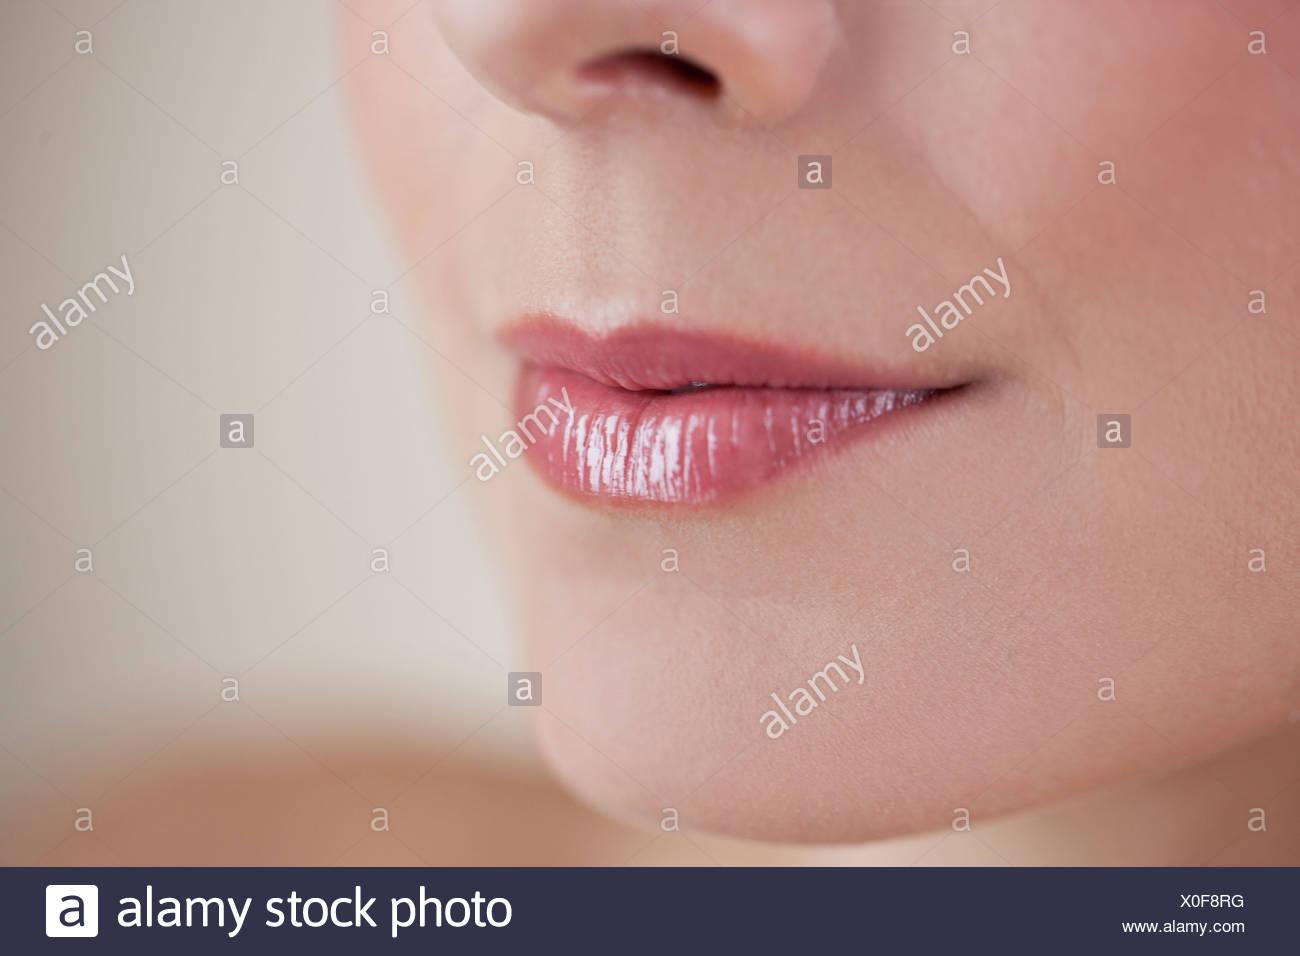 Ausgezeichnet Mund Draht Chirurgie Geschlossen Fotos - Der ...